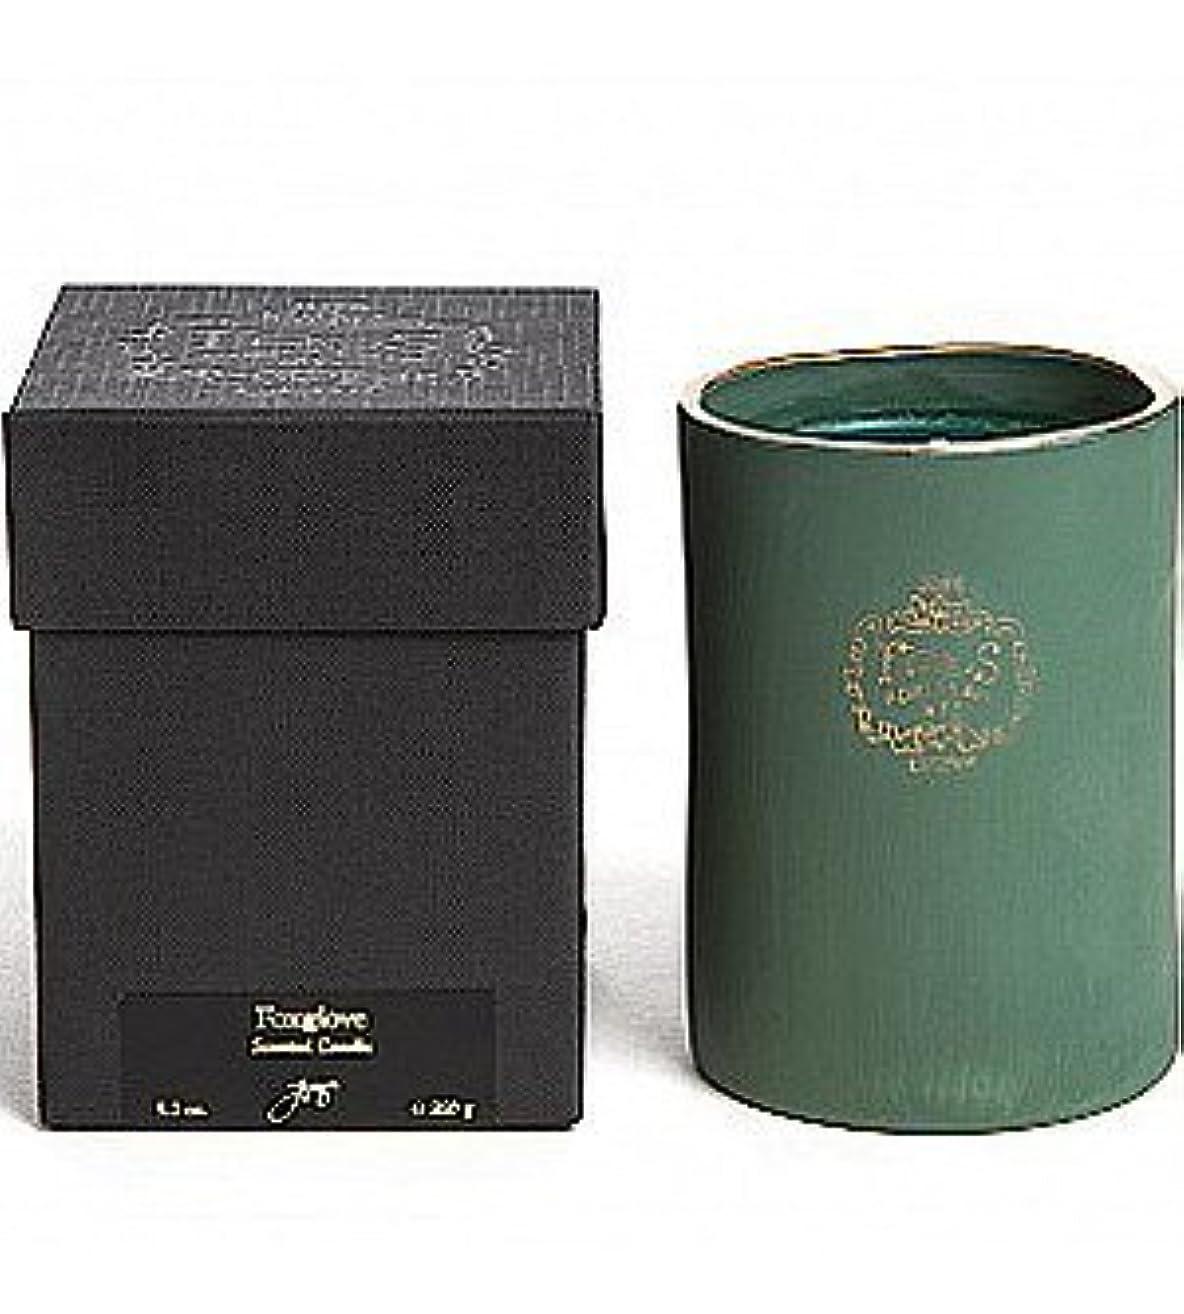 抽出容量スイFoxglove Scented Candle 9.2 oz by Joya [並行輸入品]